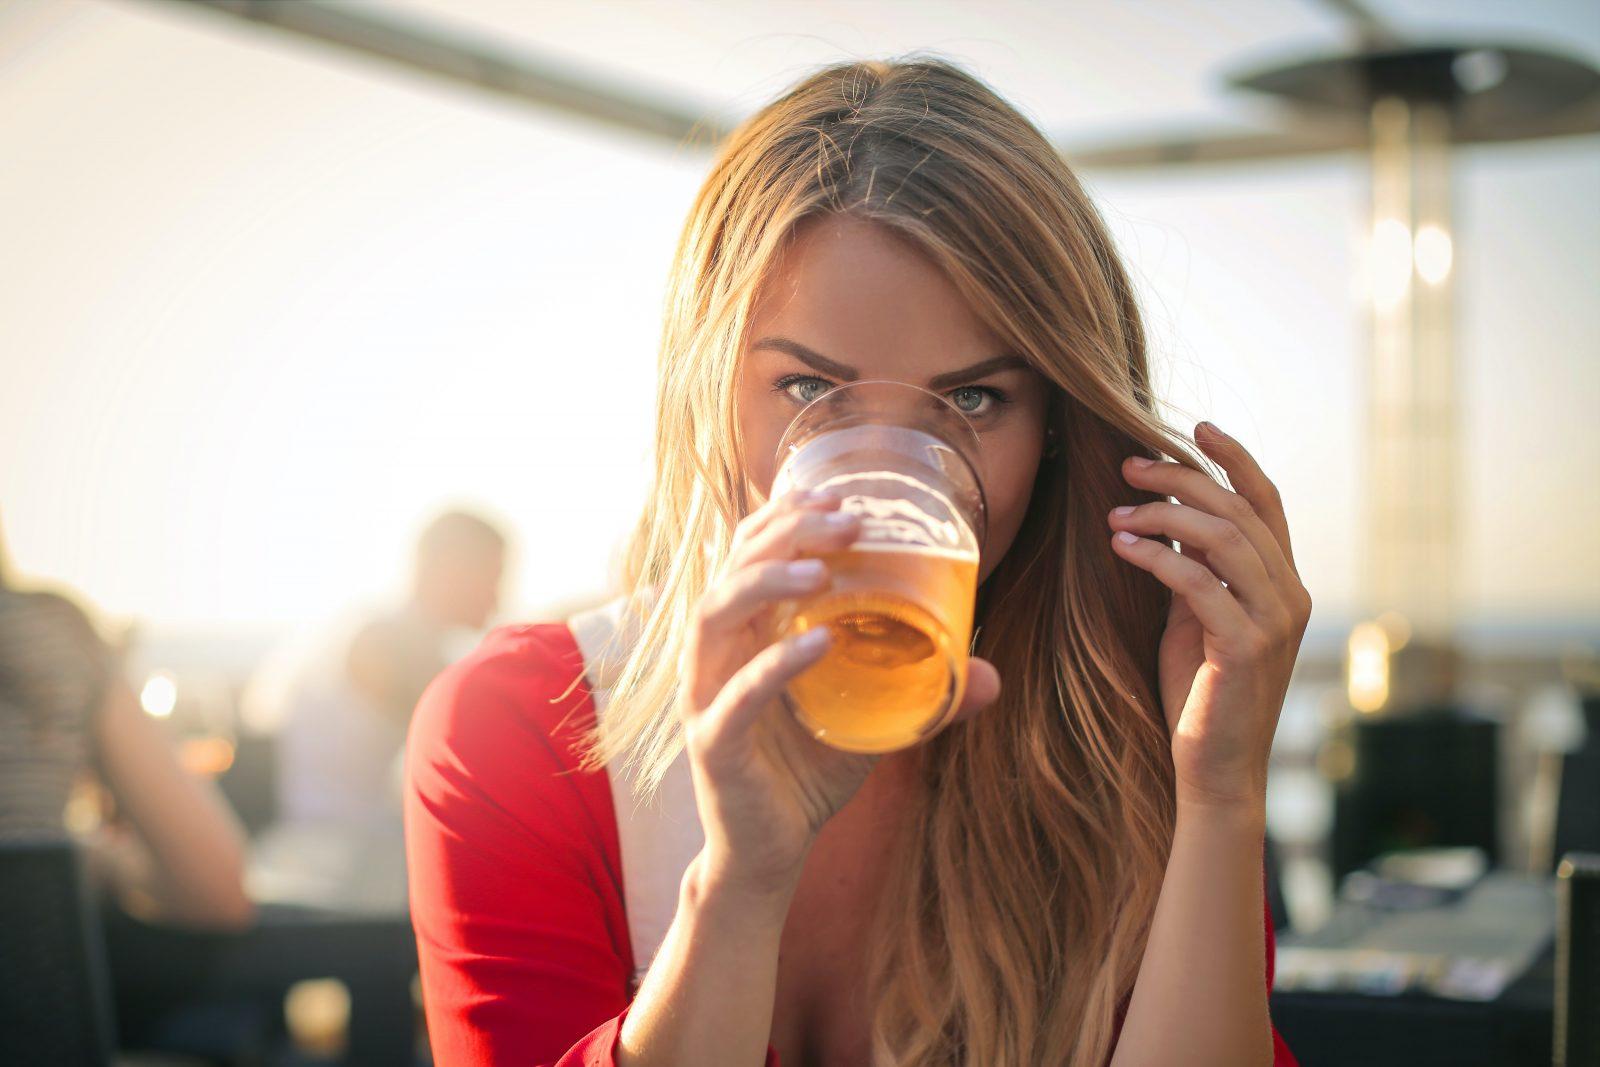 Cheers to beers, behaviors + leprechauns.